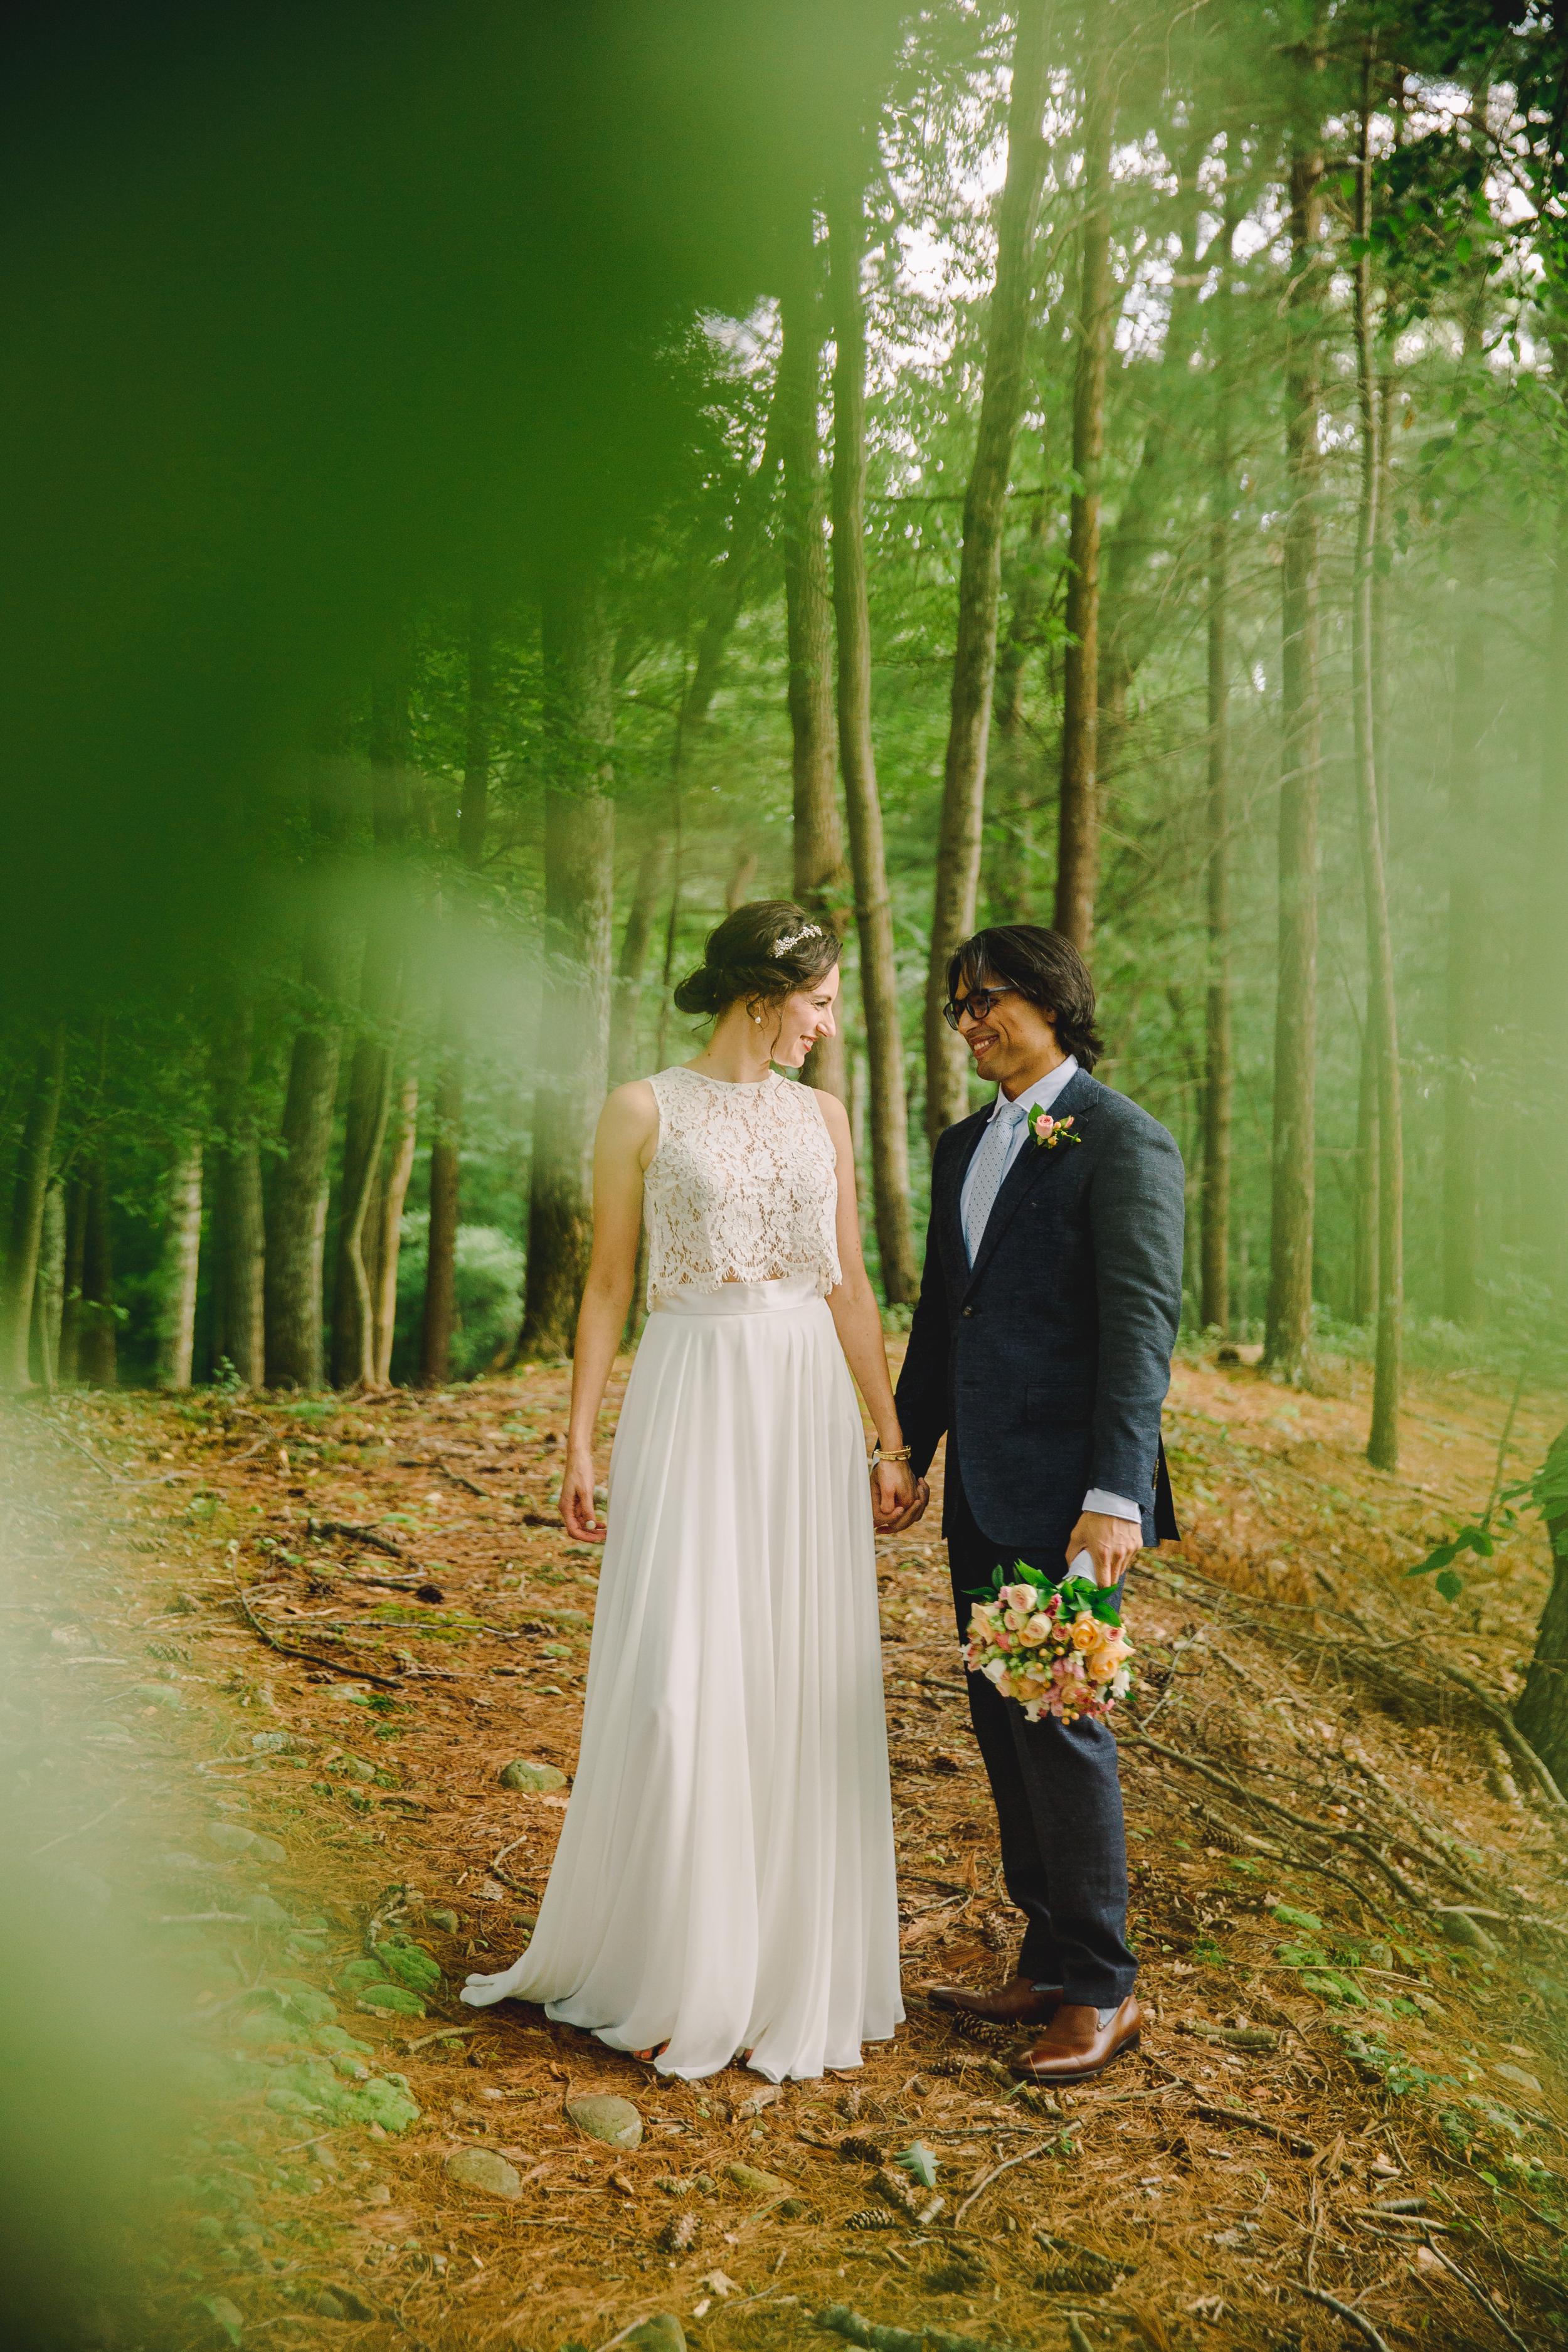 capecod_backyard_wedding_photos_mikhail_11.JPG